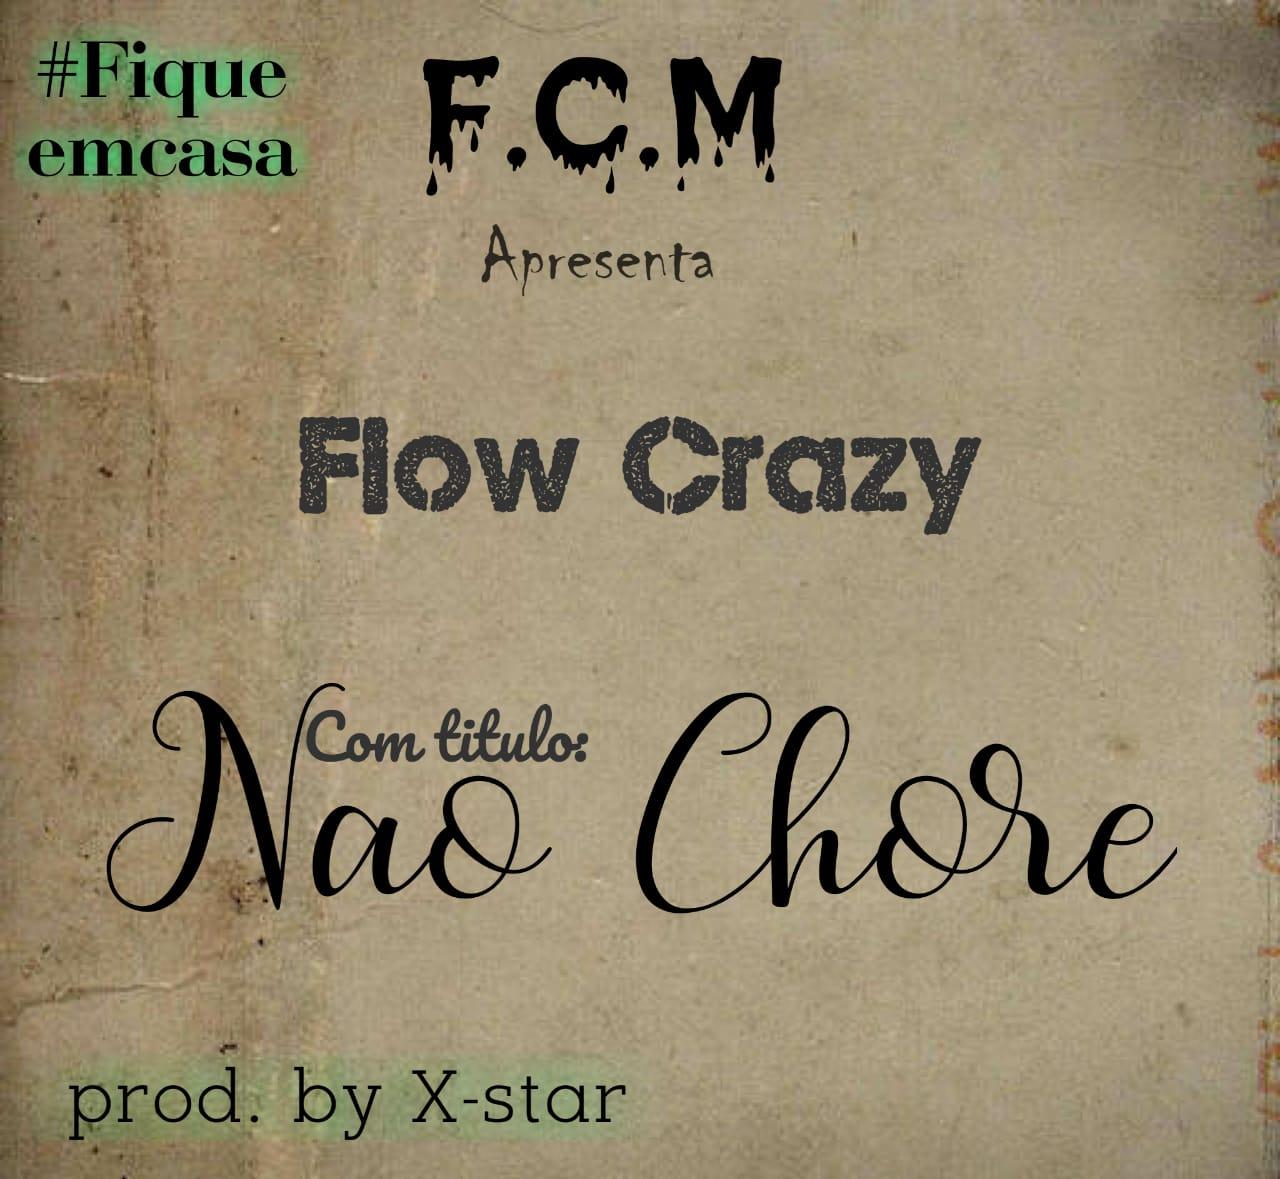 Baixar nova musica da flow crazy não chore to nem ai download mp3 2020flow-crazy-nao-chore-brockmusik.html